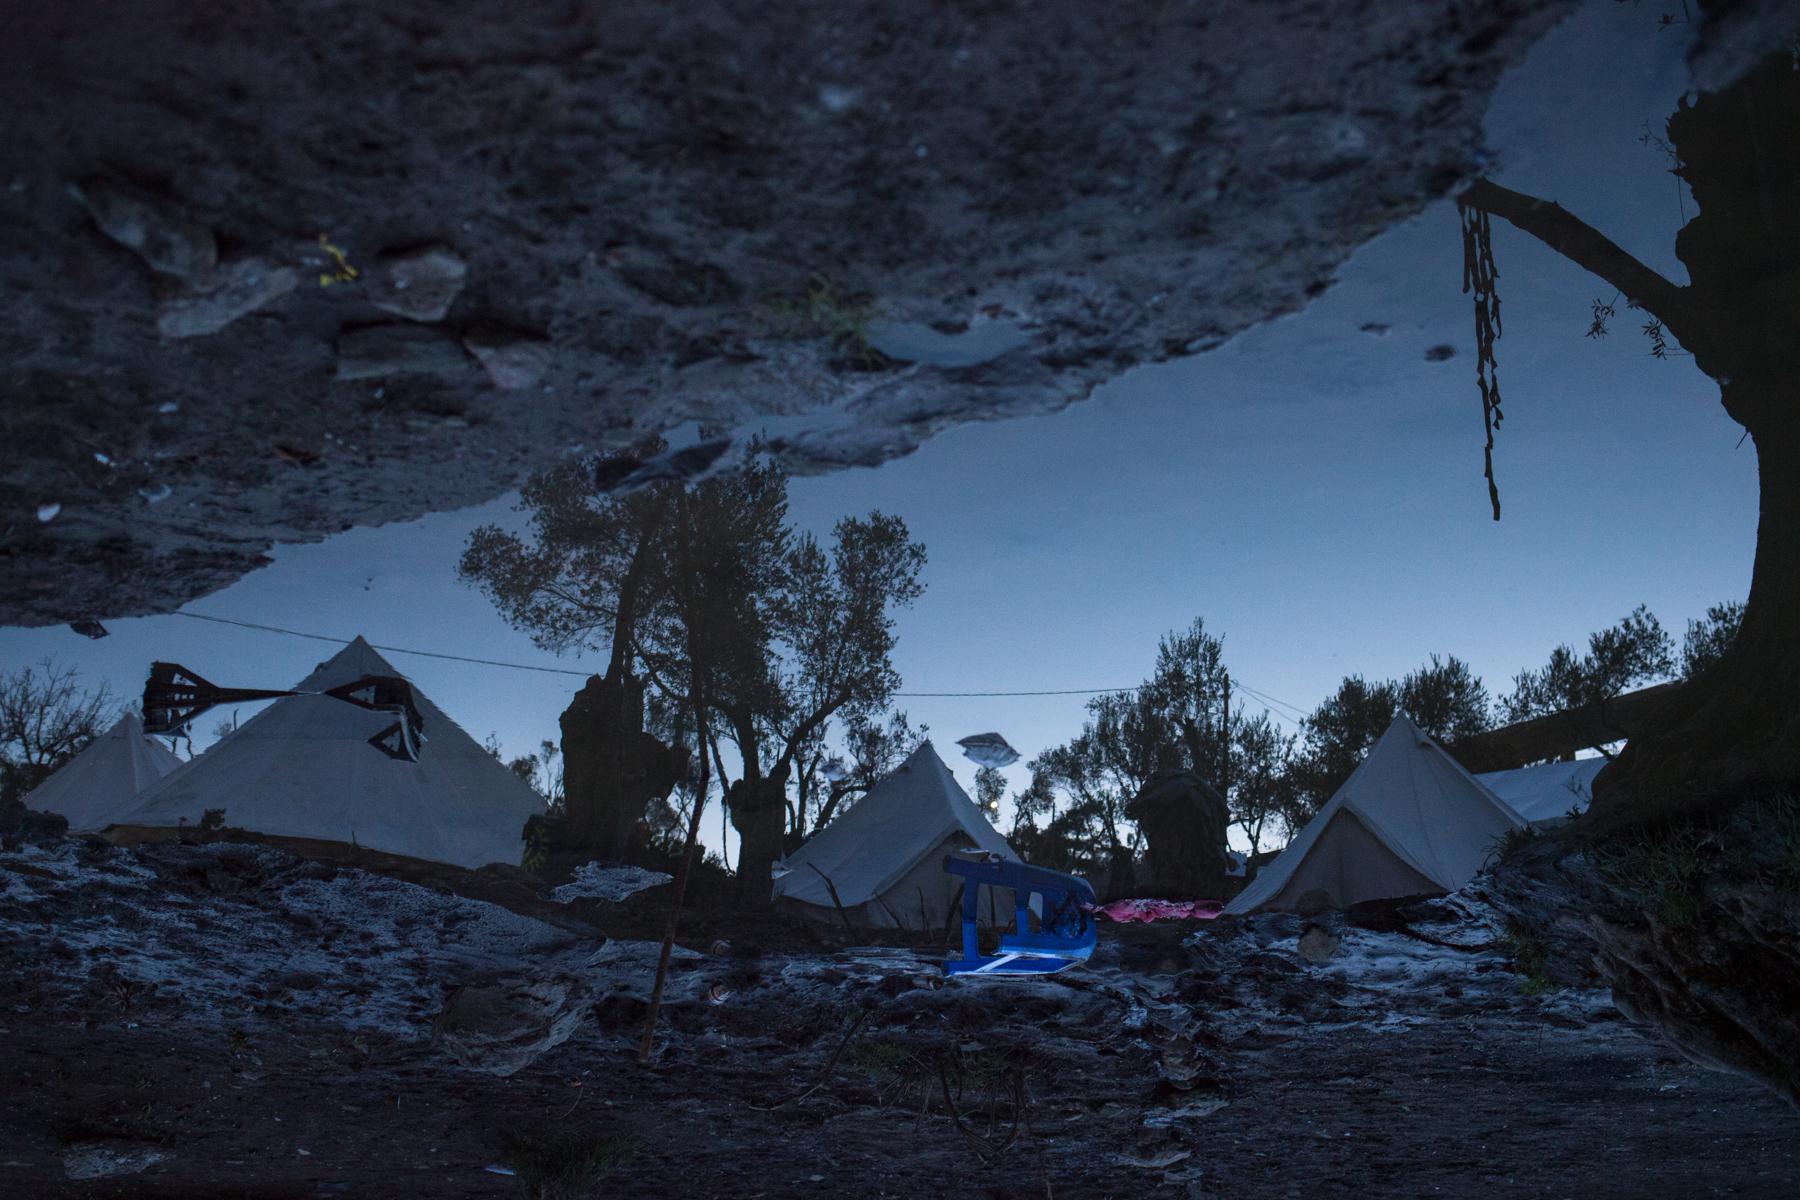 """Am Fuße des Hanges der Olivenplantage im selbstverwalteten Flüchtlingscamp """"Better Days For Moria"""" sammelt sich das abgelaufene Wasser. Helfer versuchten bereits, mit Pumpen der Lage Herr zu werden."""